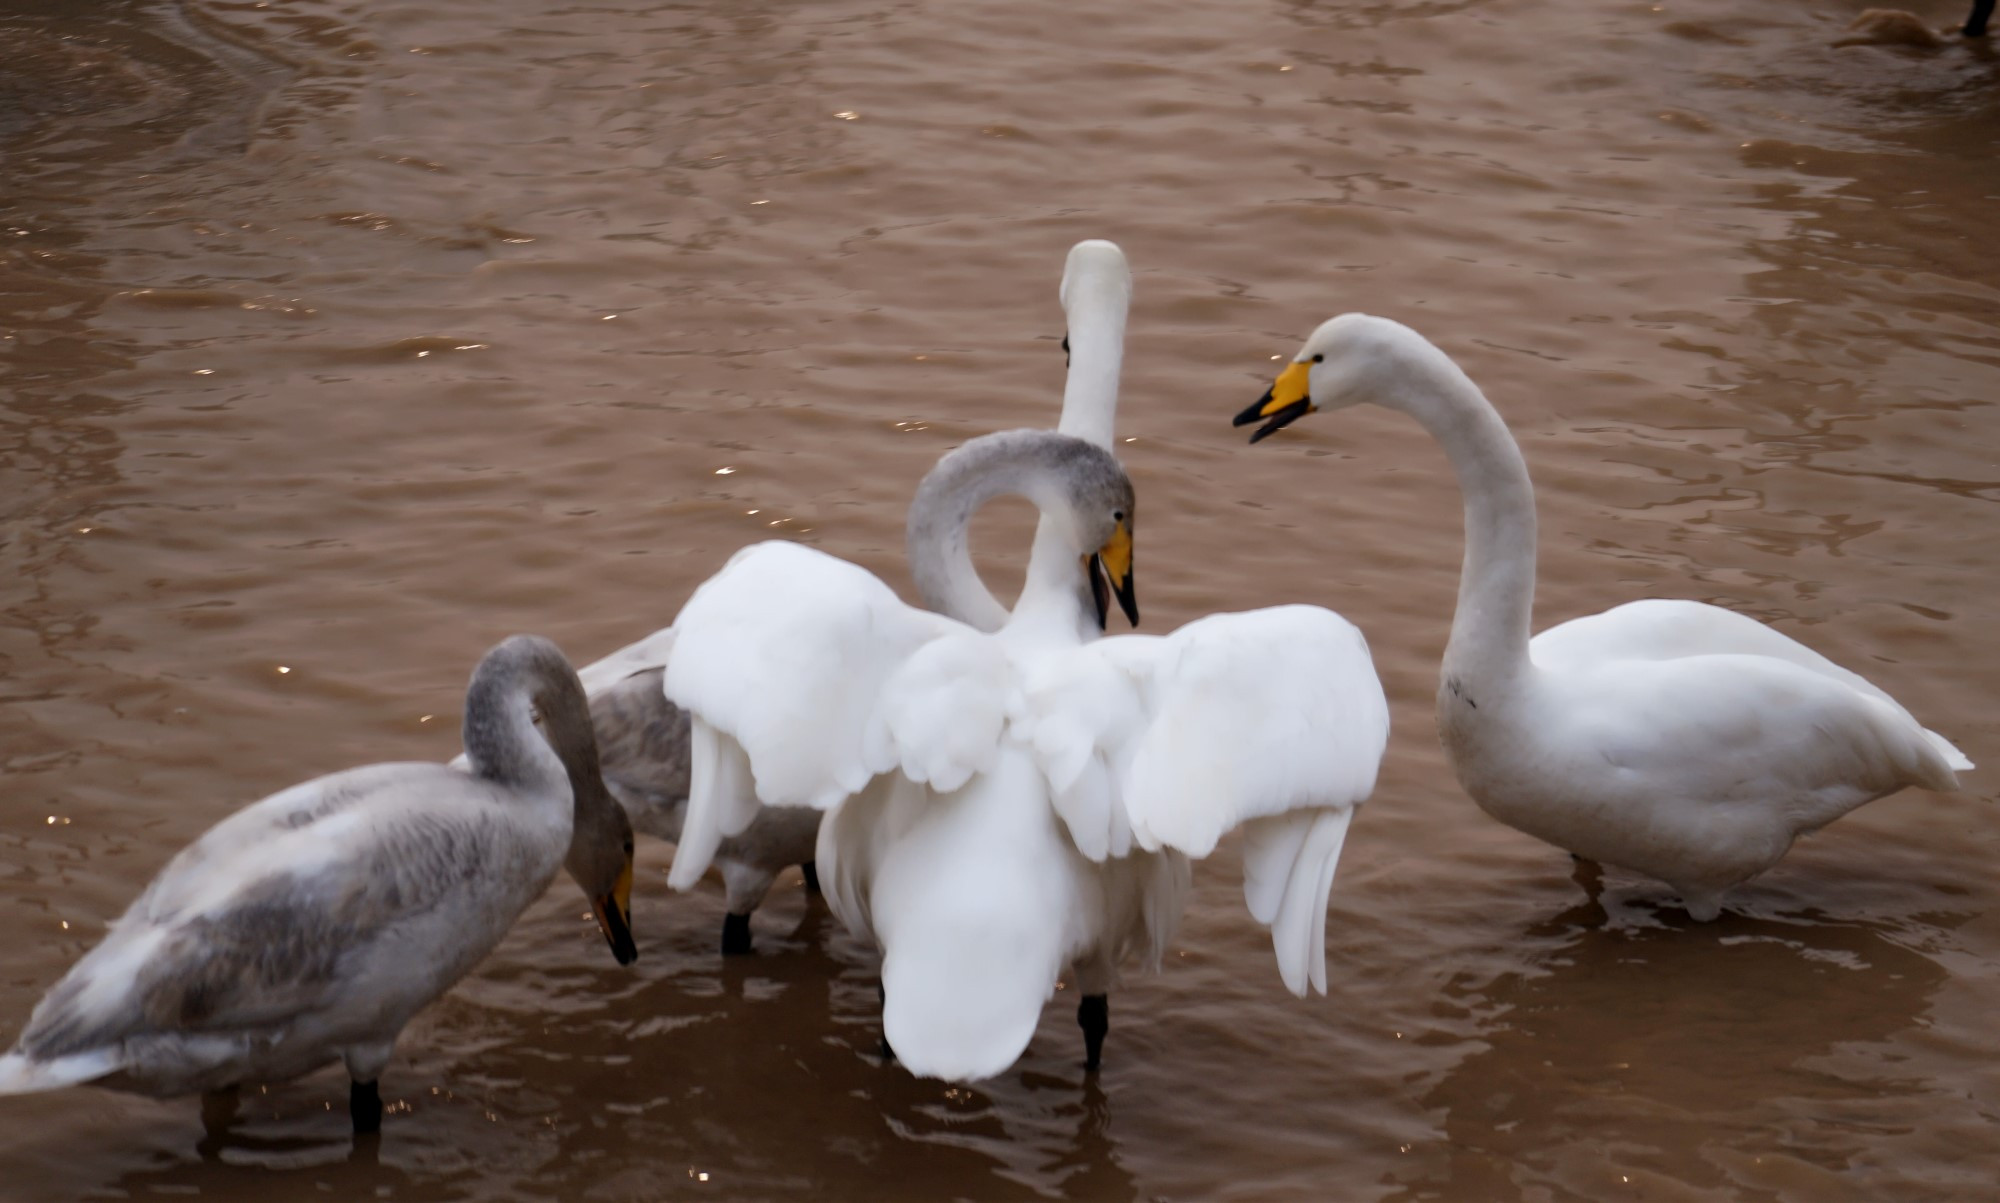 上万只野天鹅落脚三门峡天鹅湖,免费让游人欣赏